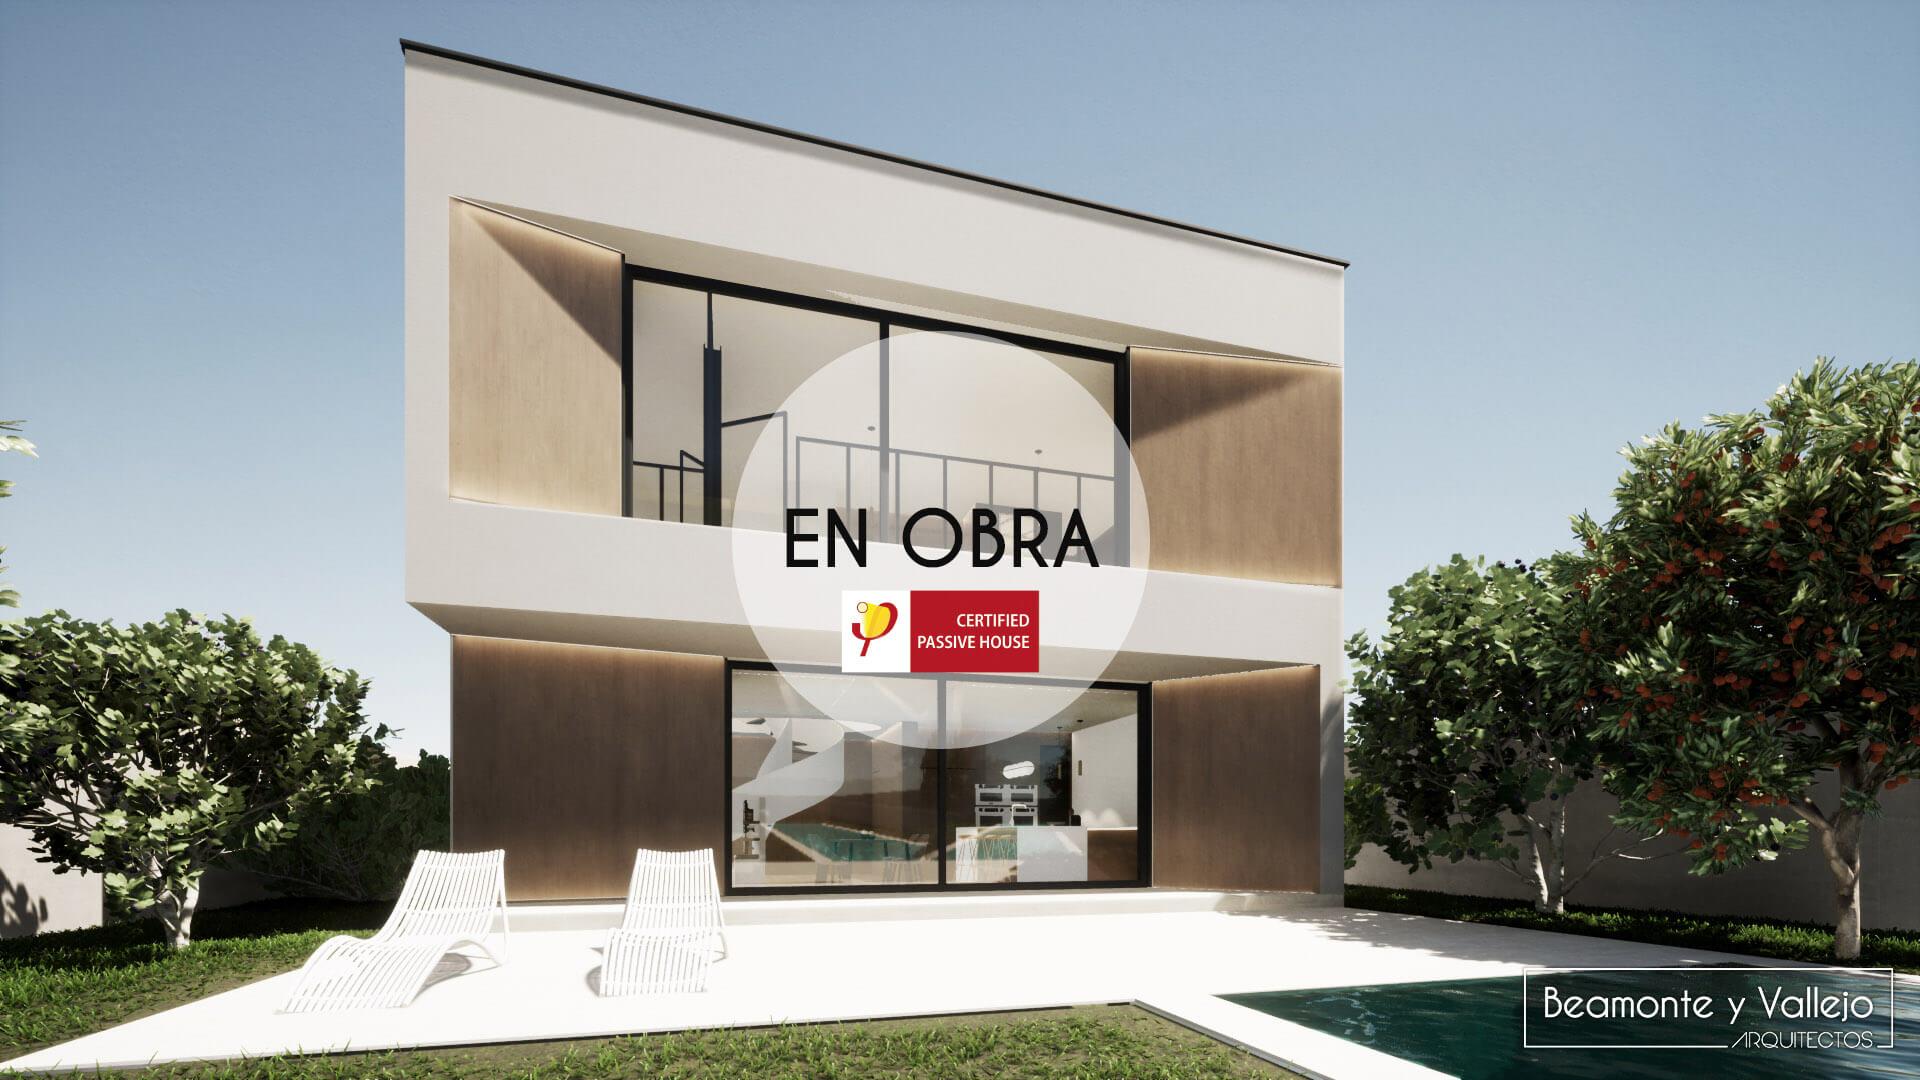 Beamonte y Vallejo arquitectos - Passivhaus Rocafort, Valencia en obra - 3